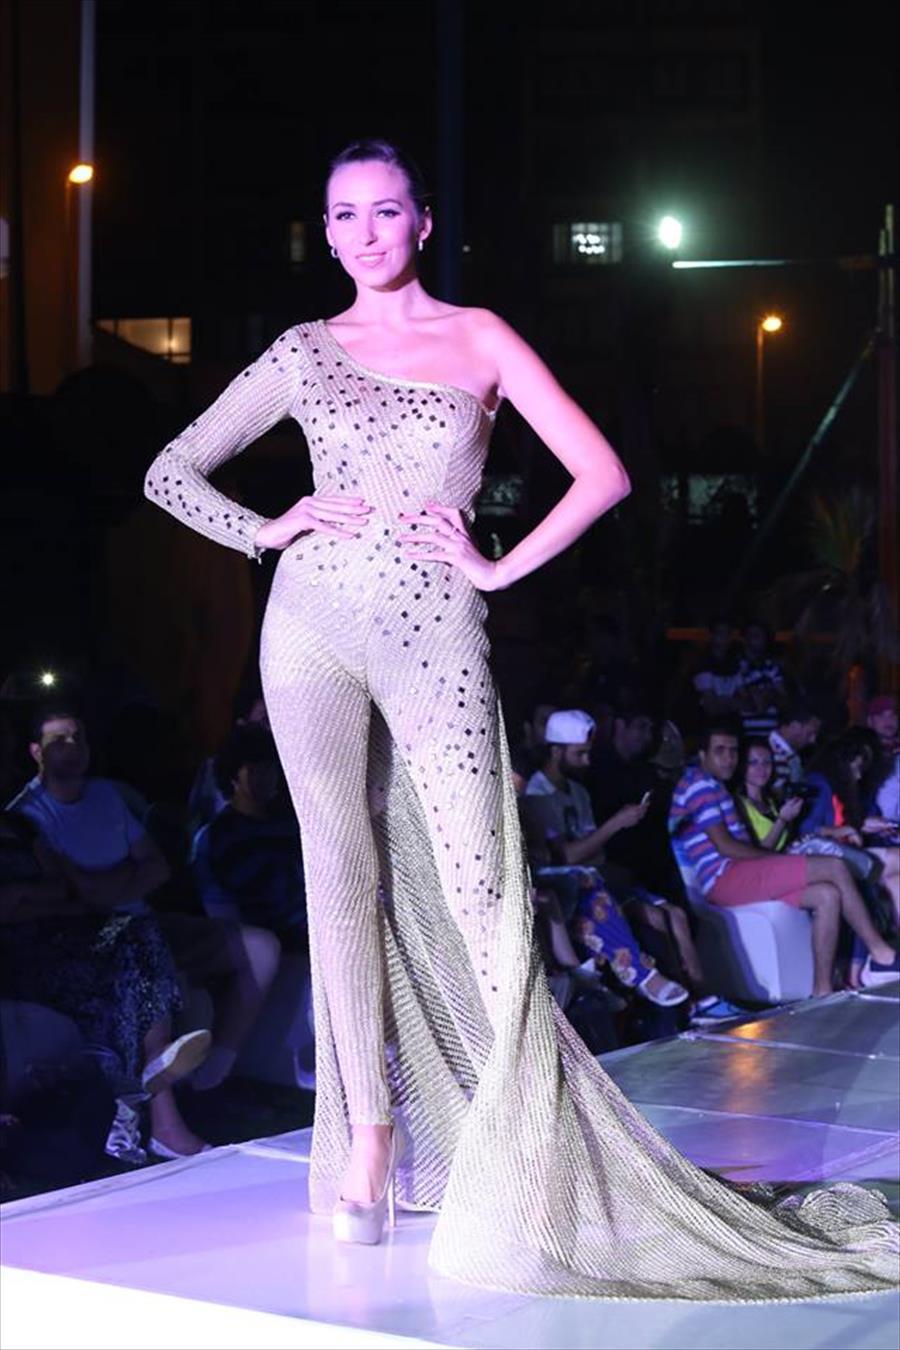 بالصور فساتين سهرة في طرابلس فيس بوك , اروع الفساتين , قلبي يا ناس علي الاناقة 225 3